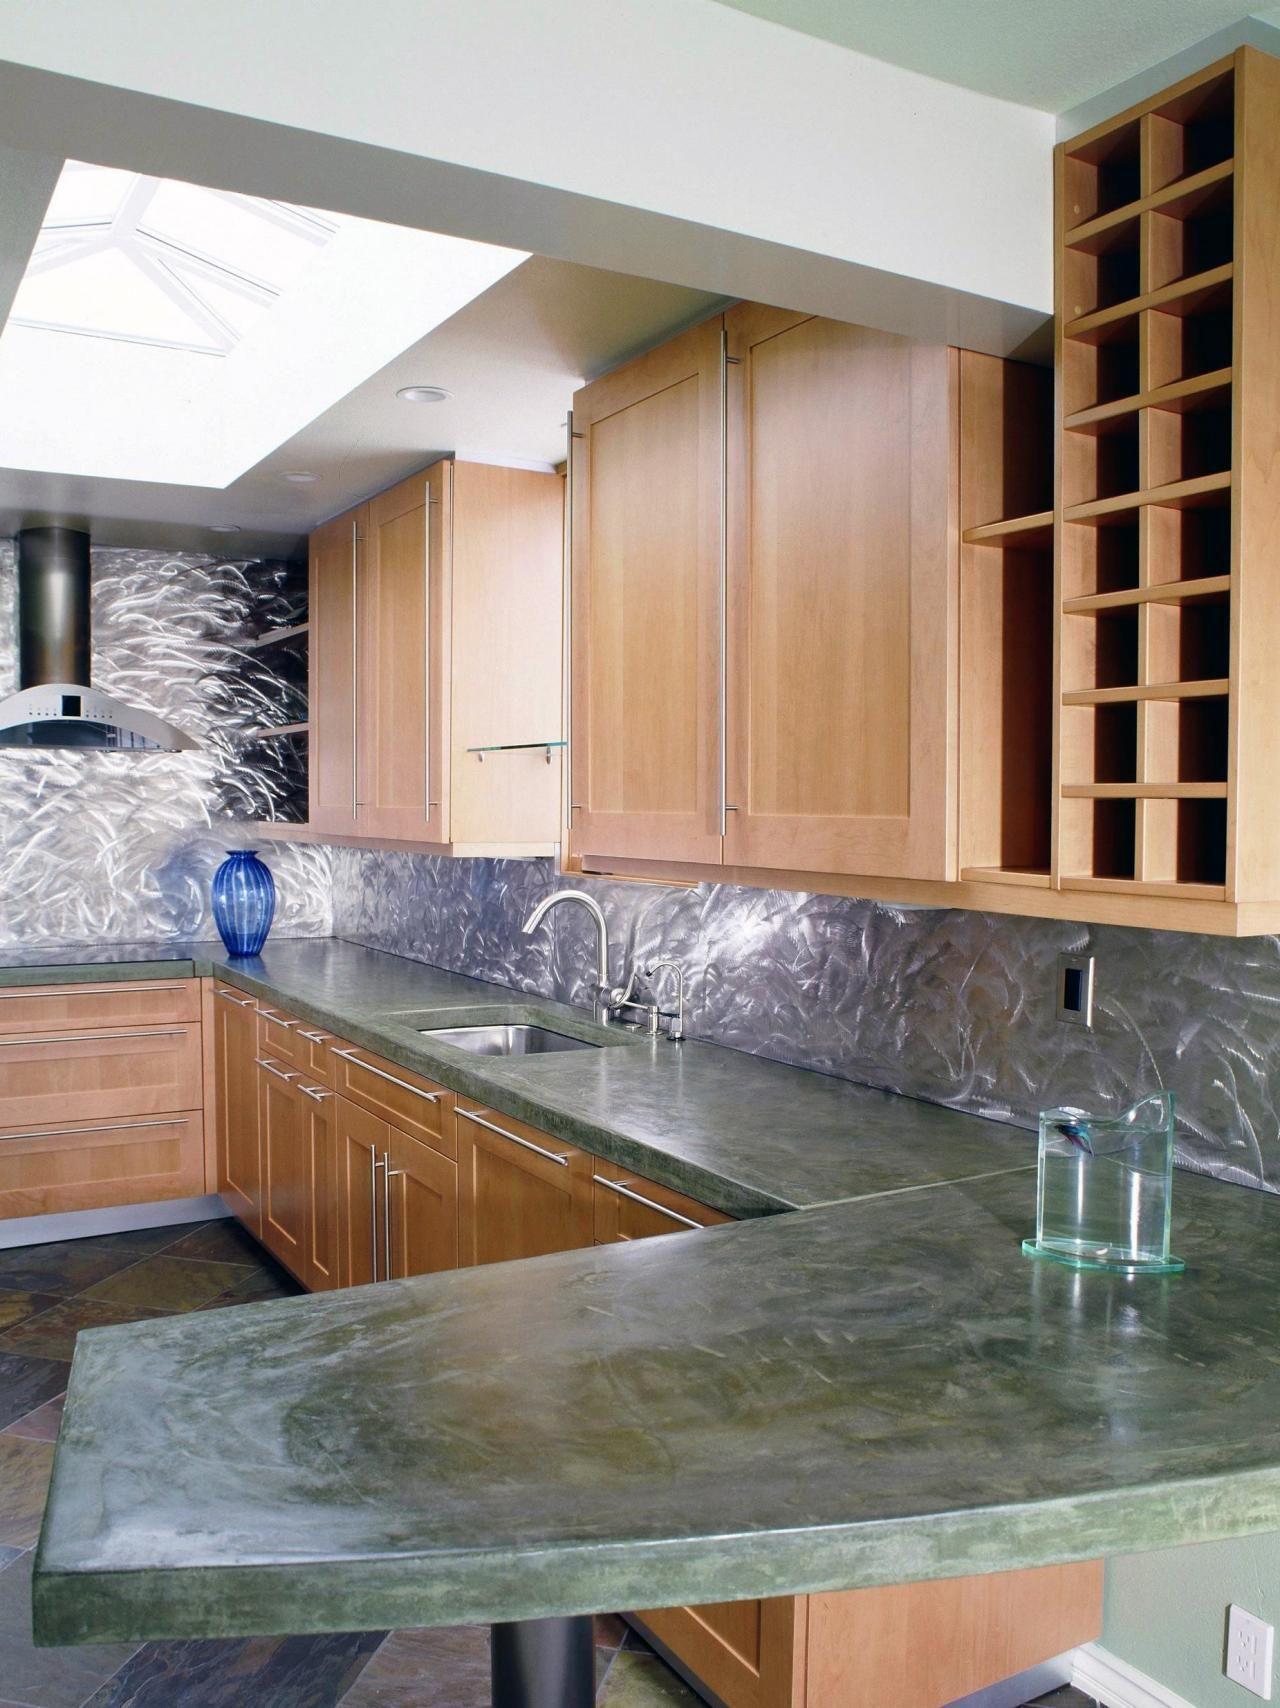 Küchendesign und farbe beliebte küche arbeitsplatten  eine einfache solide farbe arbeiten